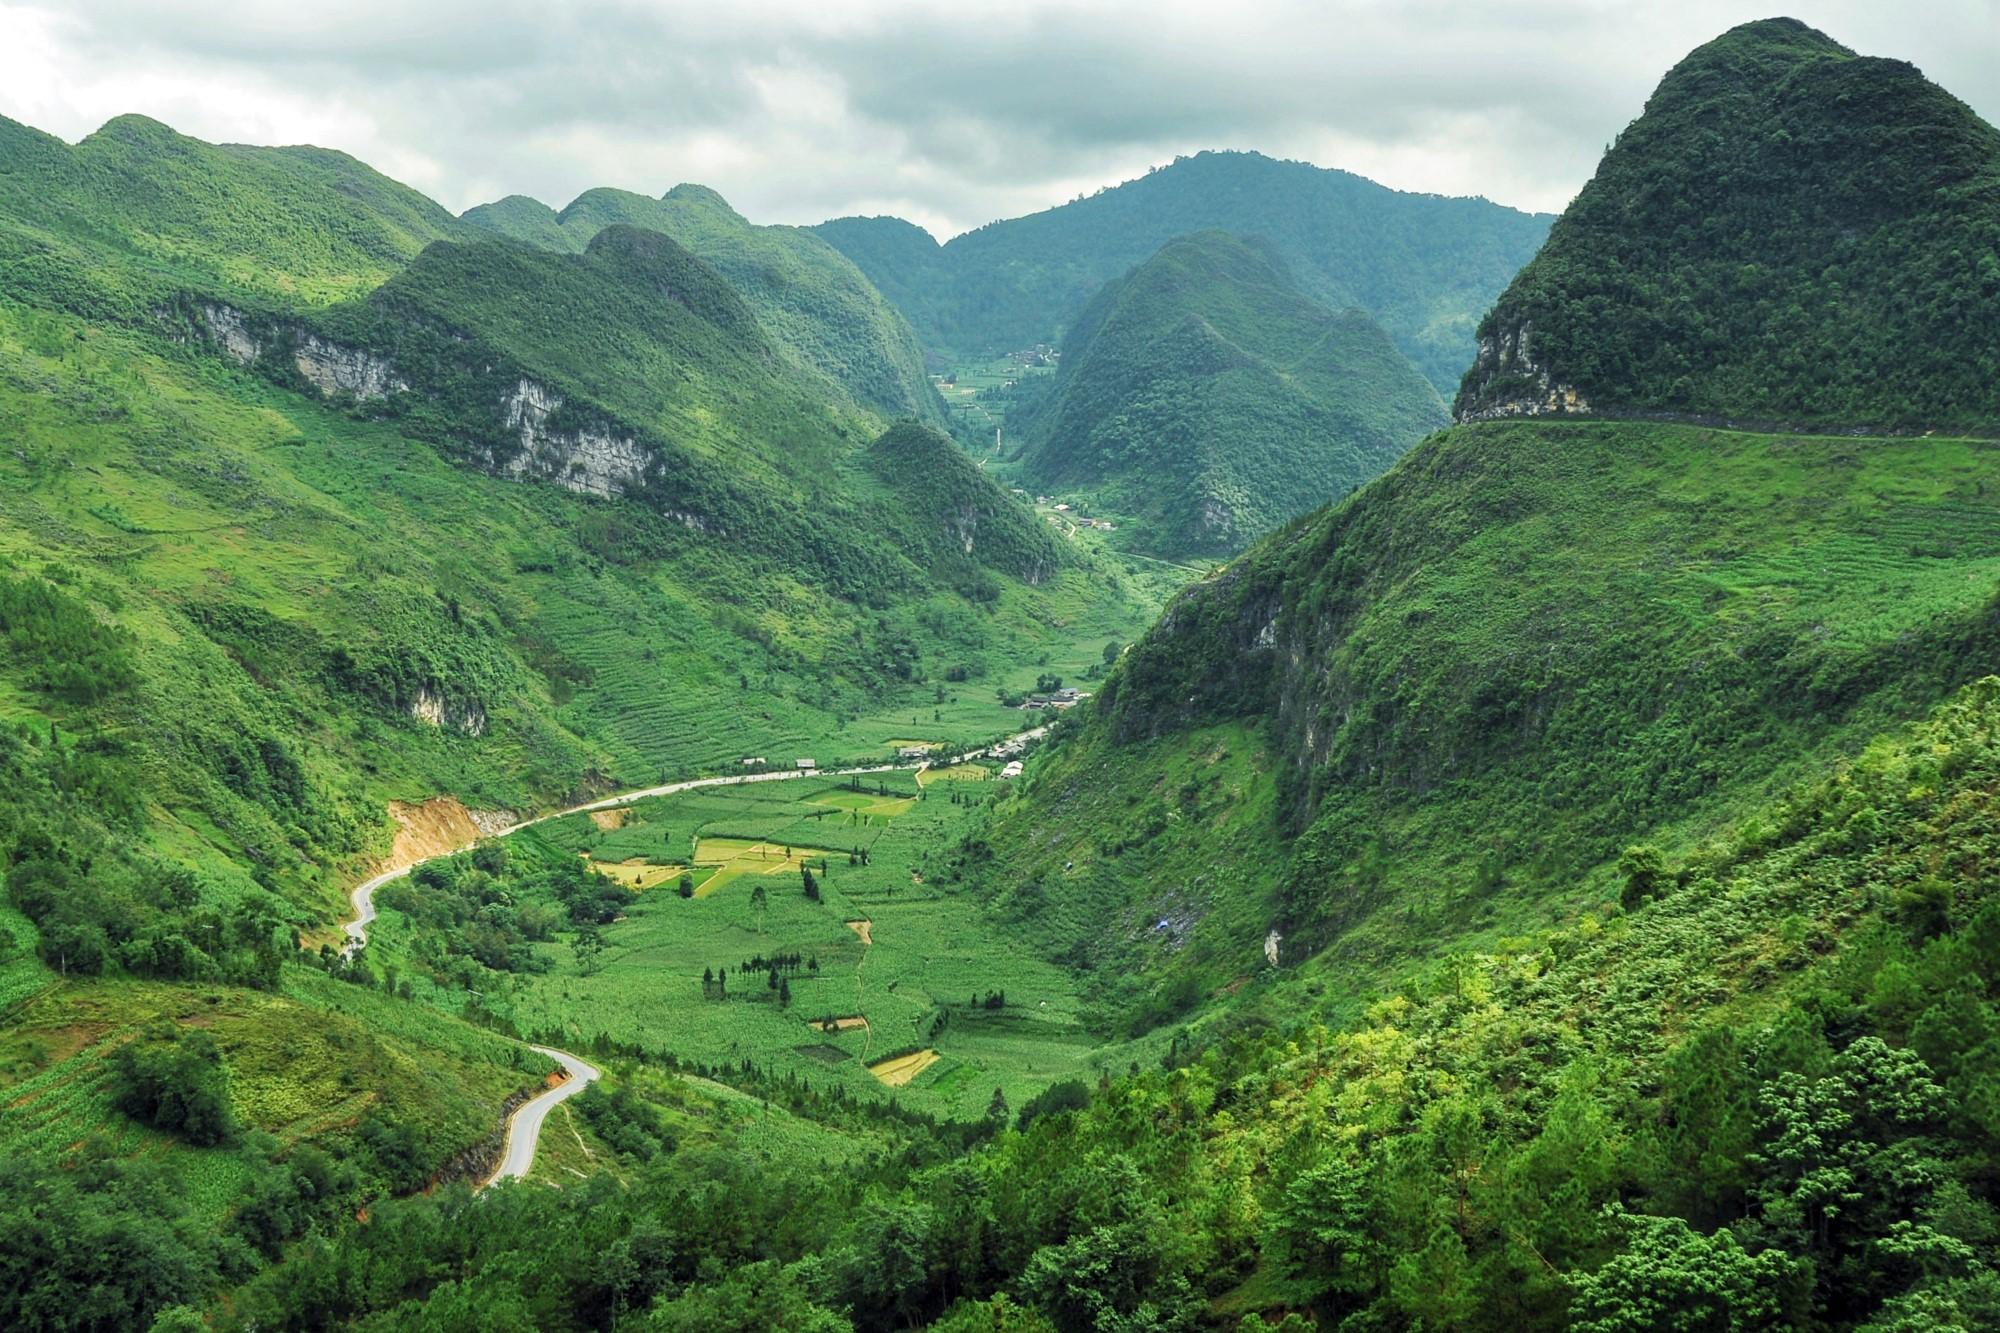 Mùa ngô xanh mướt trên cao nguyên đá Đồng Văn - 1